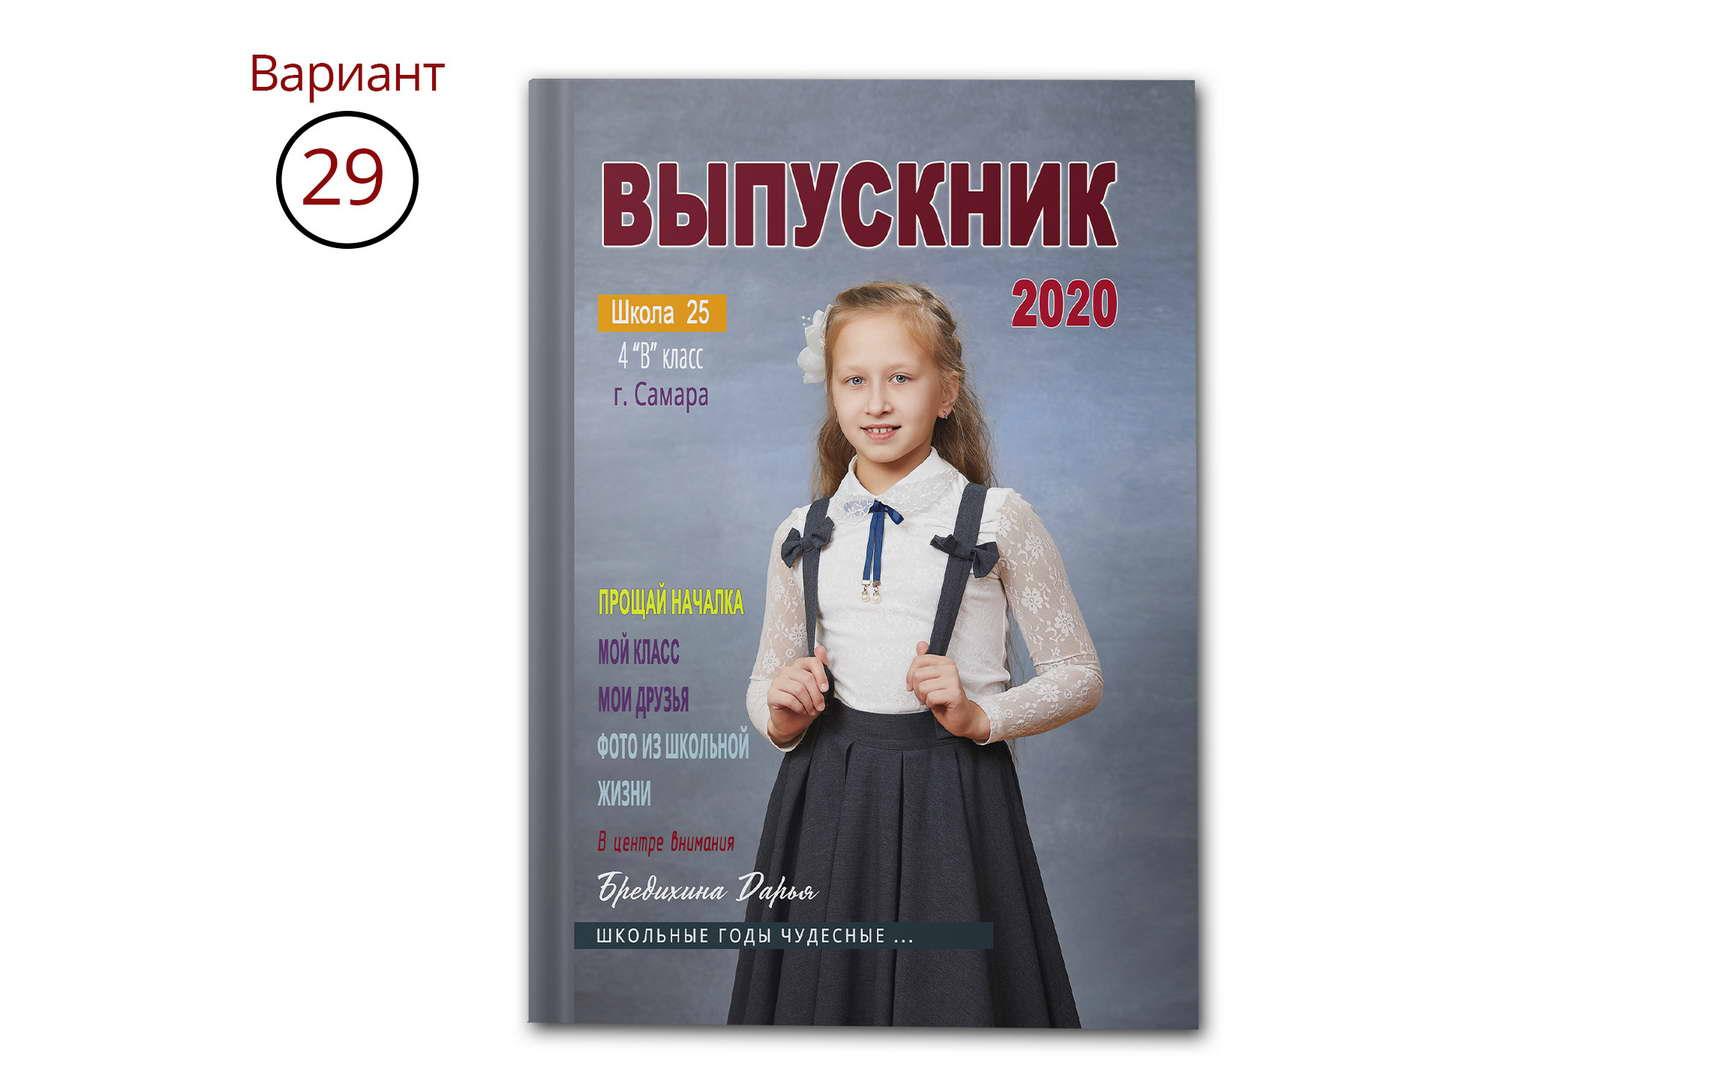 Обложка для выпускного альбома 29